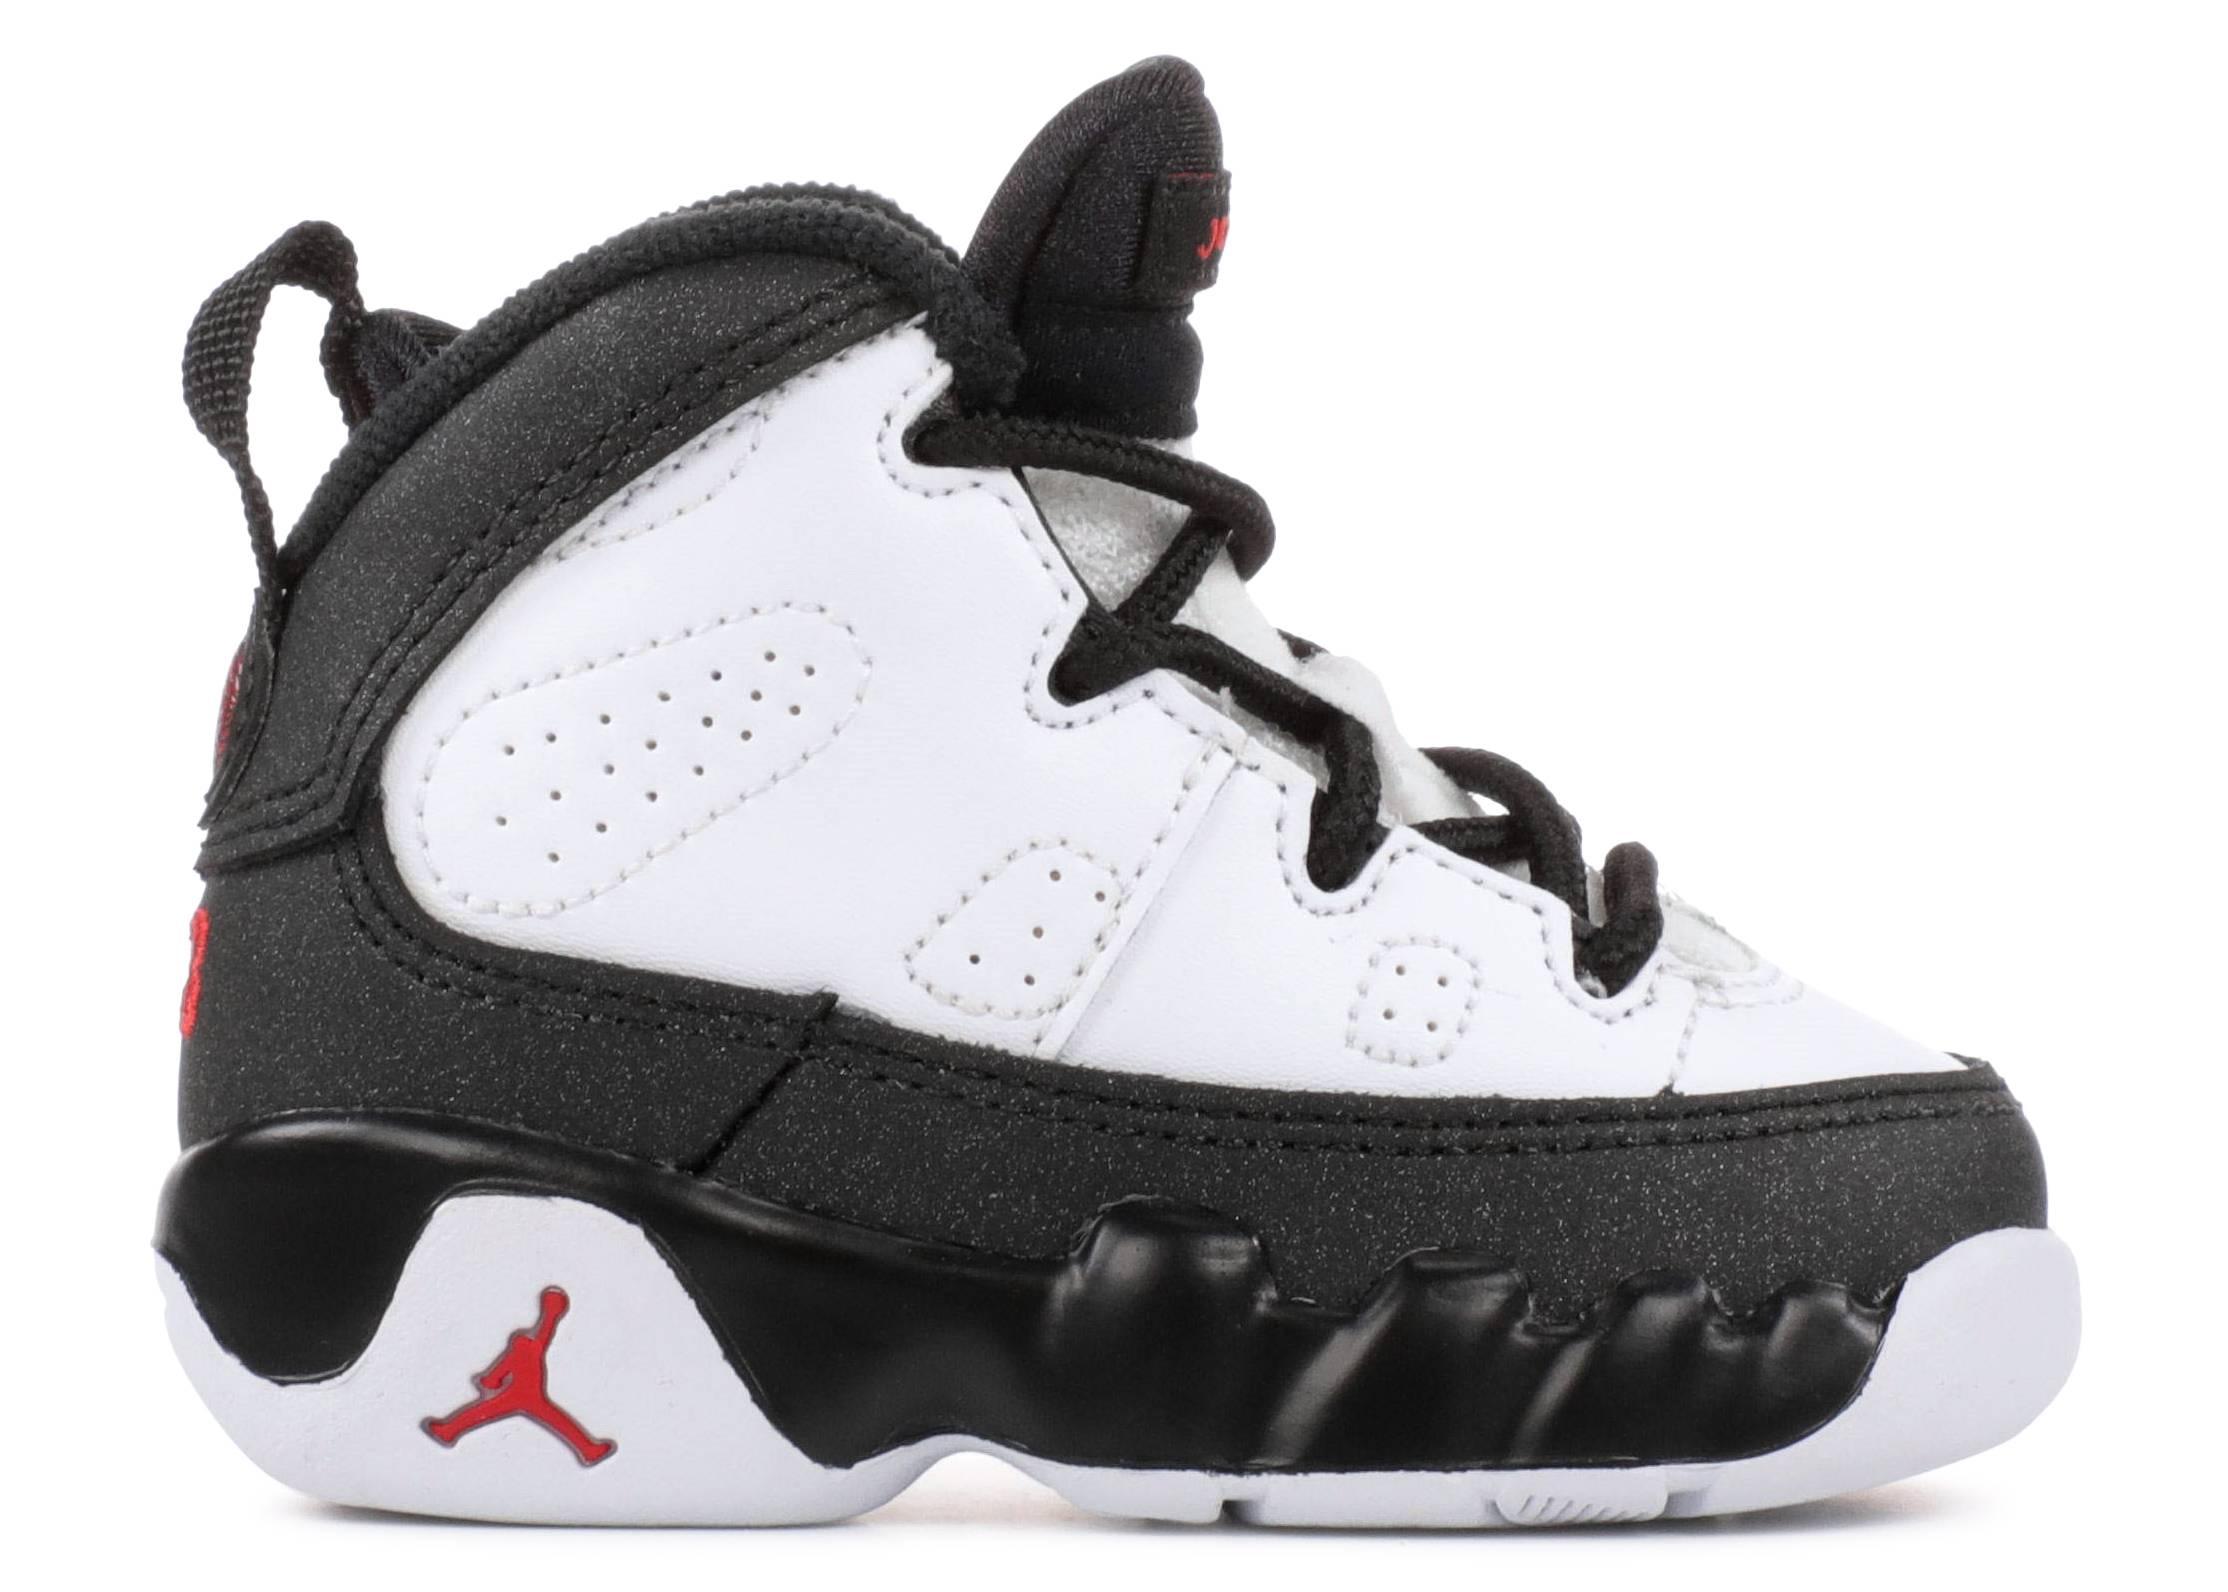 newest 4e81a 9d05d Jordan 9 Retro Bt